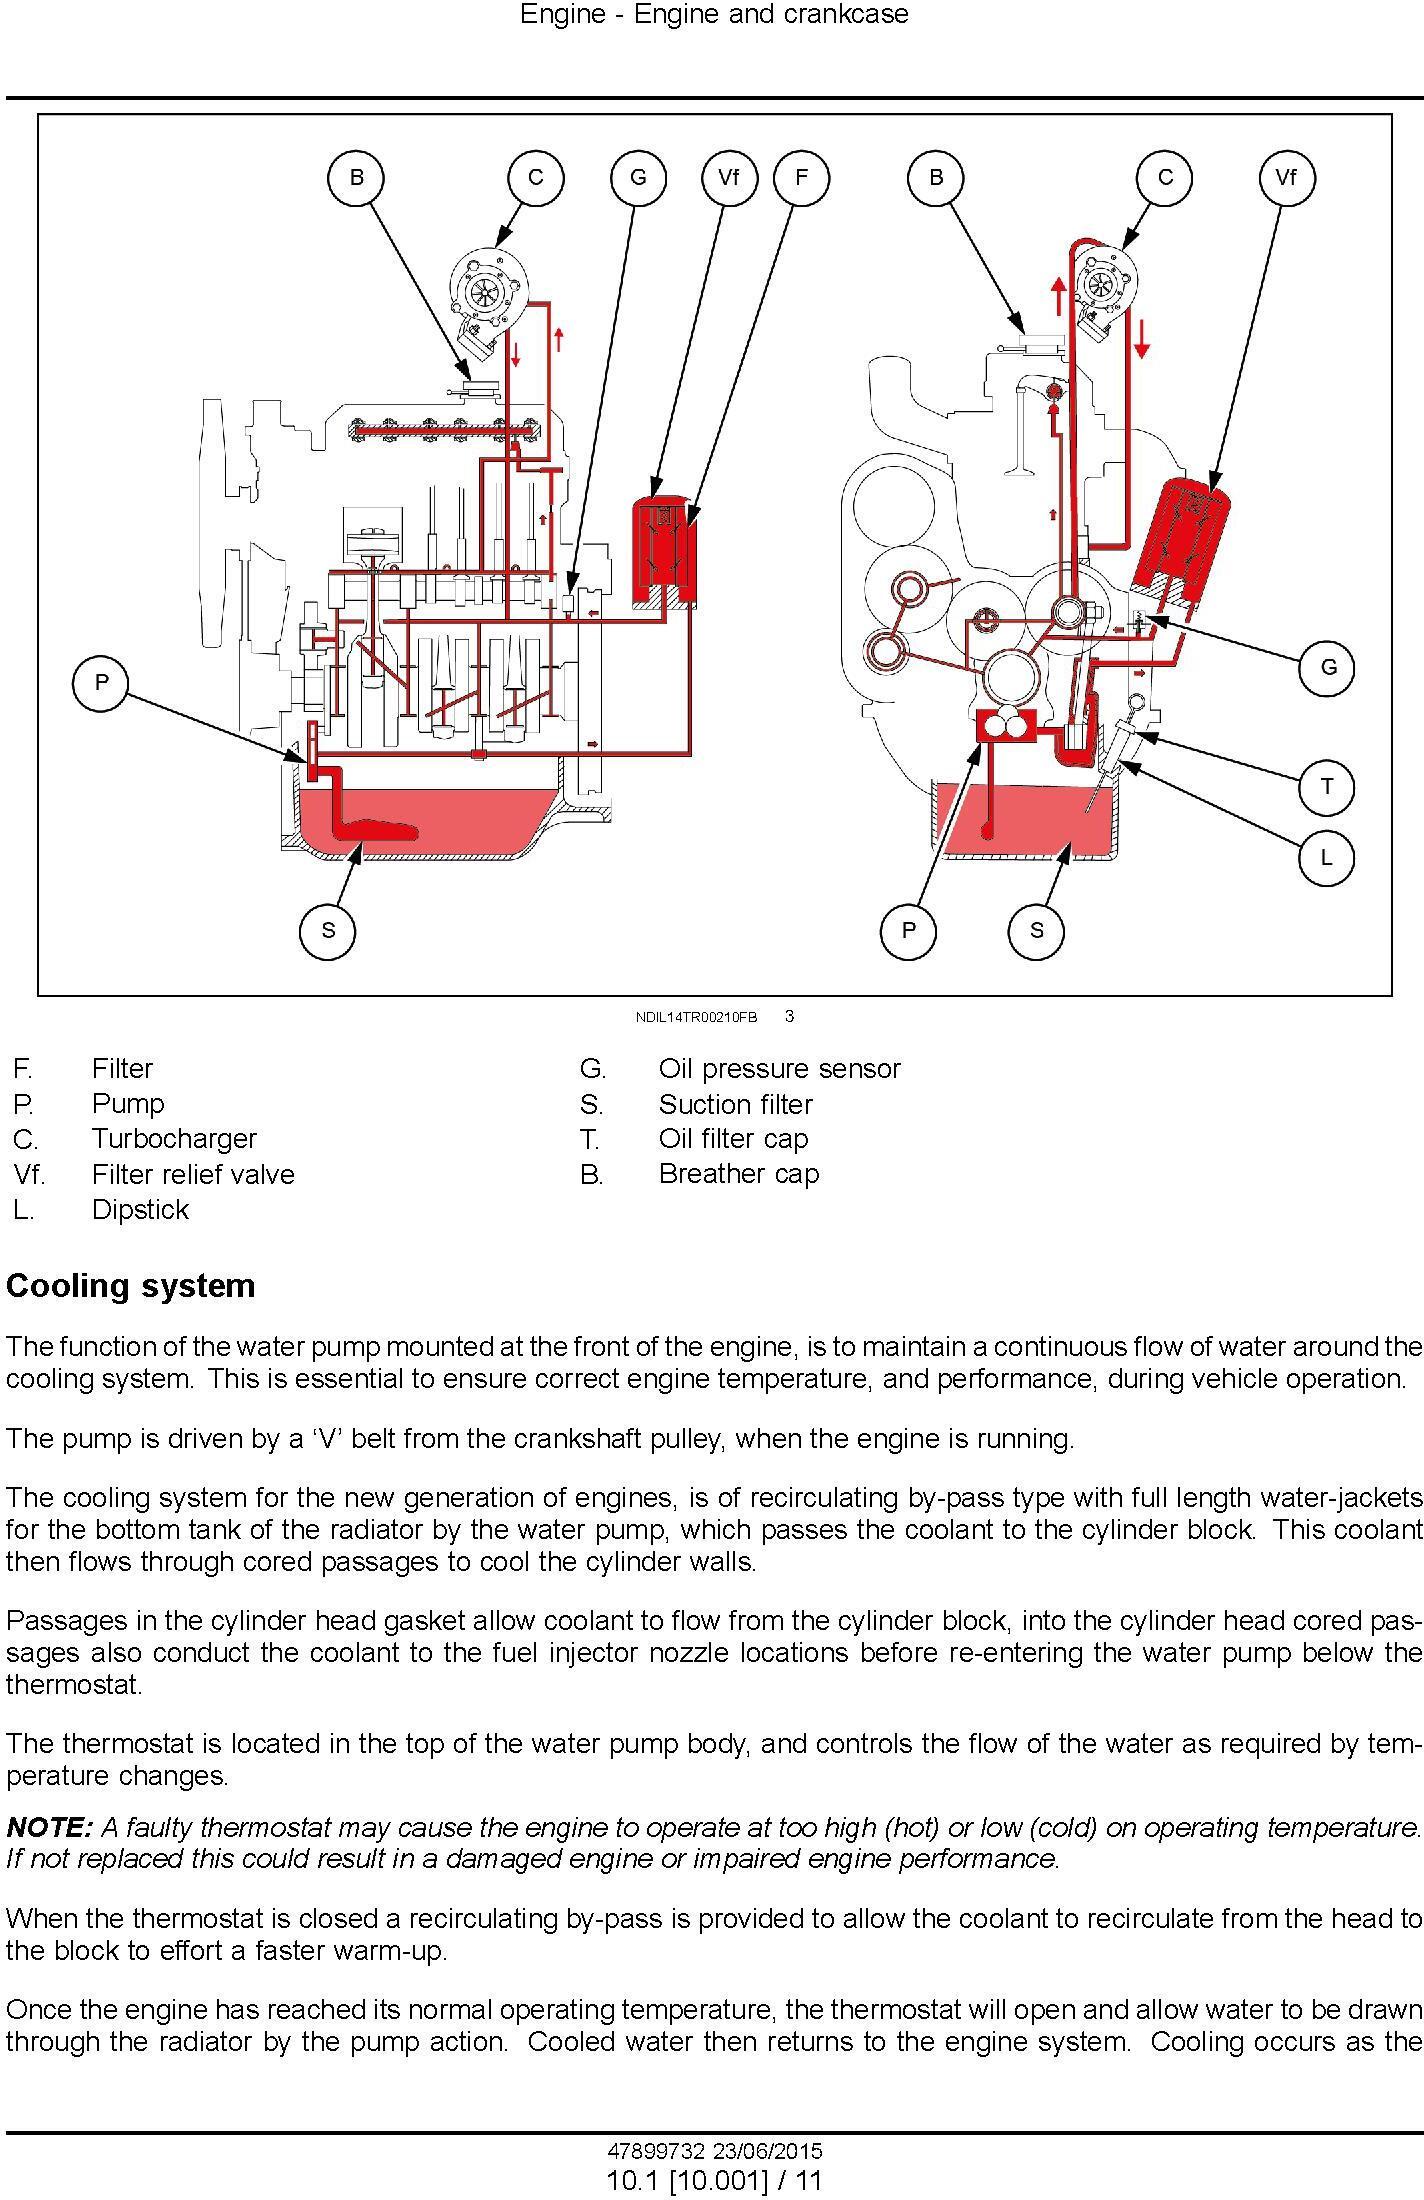 New Holland TT55, TT65, TT75 2WD and 4WD Tier 3 Tractors Service Manual - 2